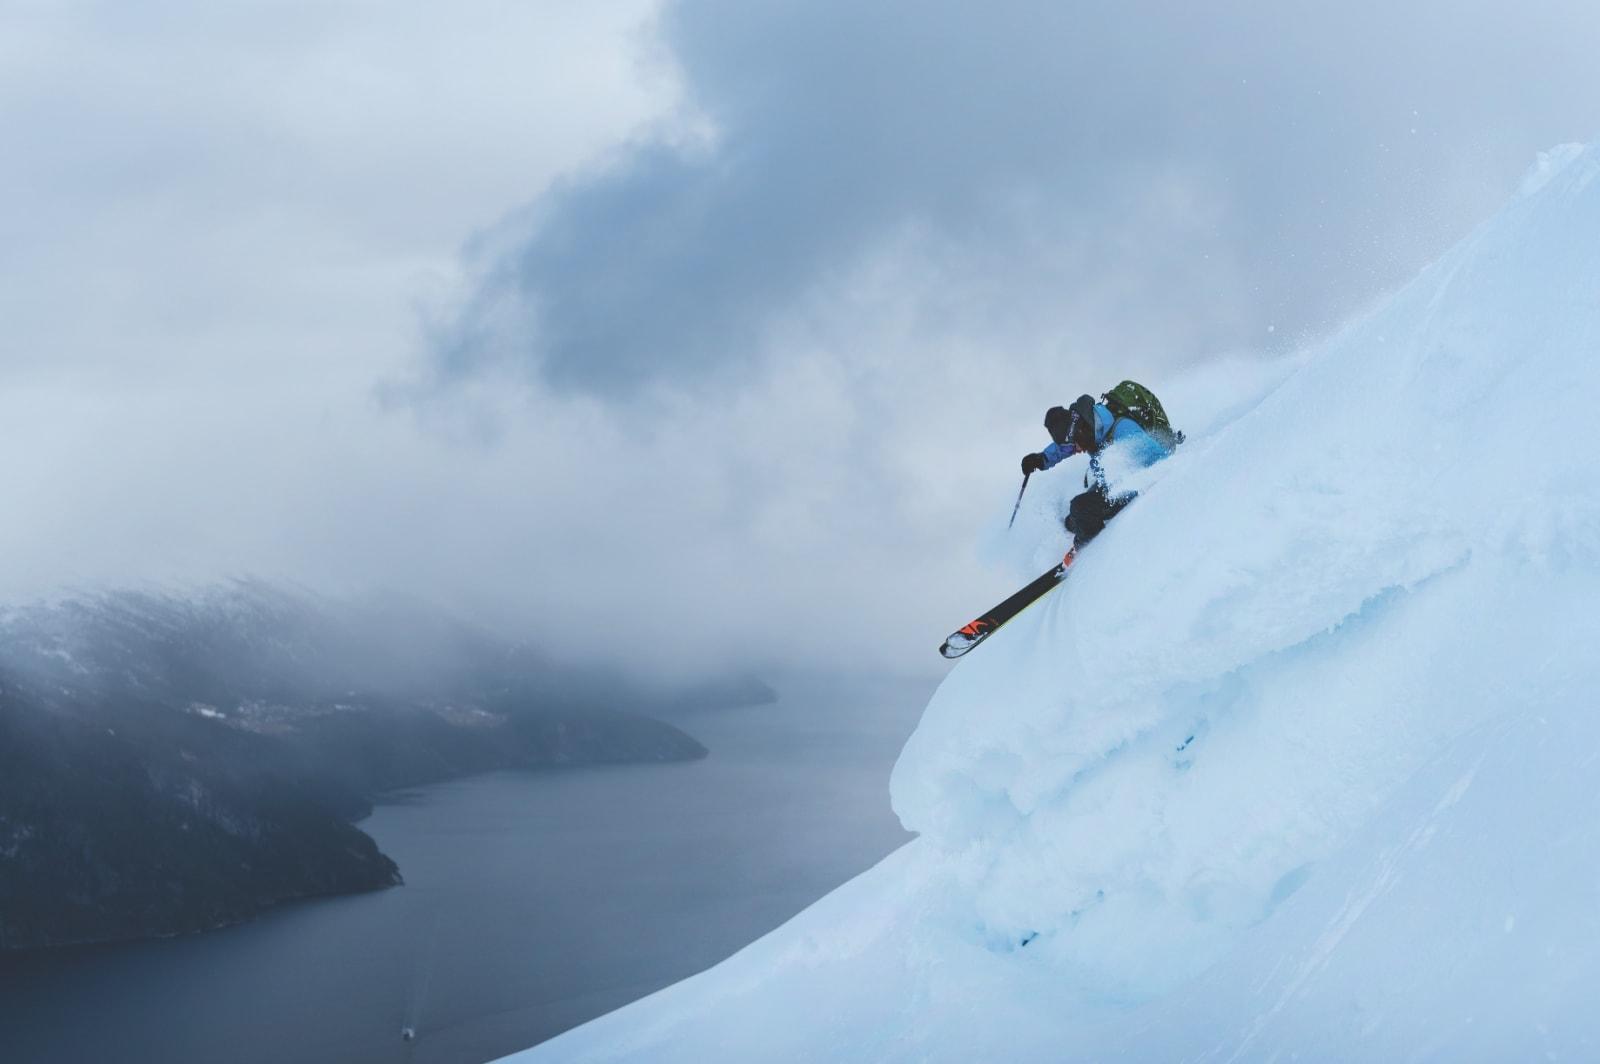 STRANDET: Marcus Caston koser seg ned mot fjorden nær Stranda.